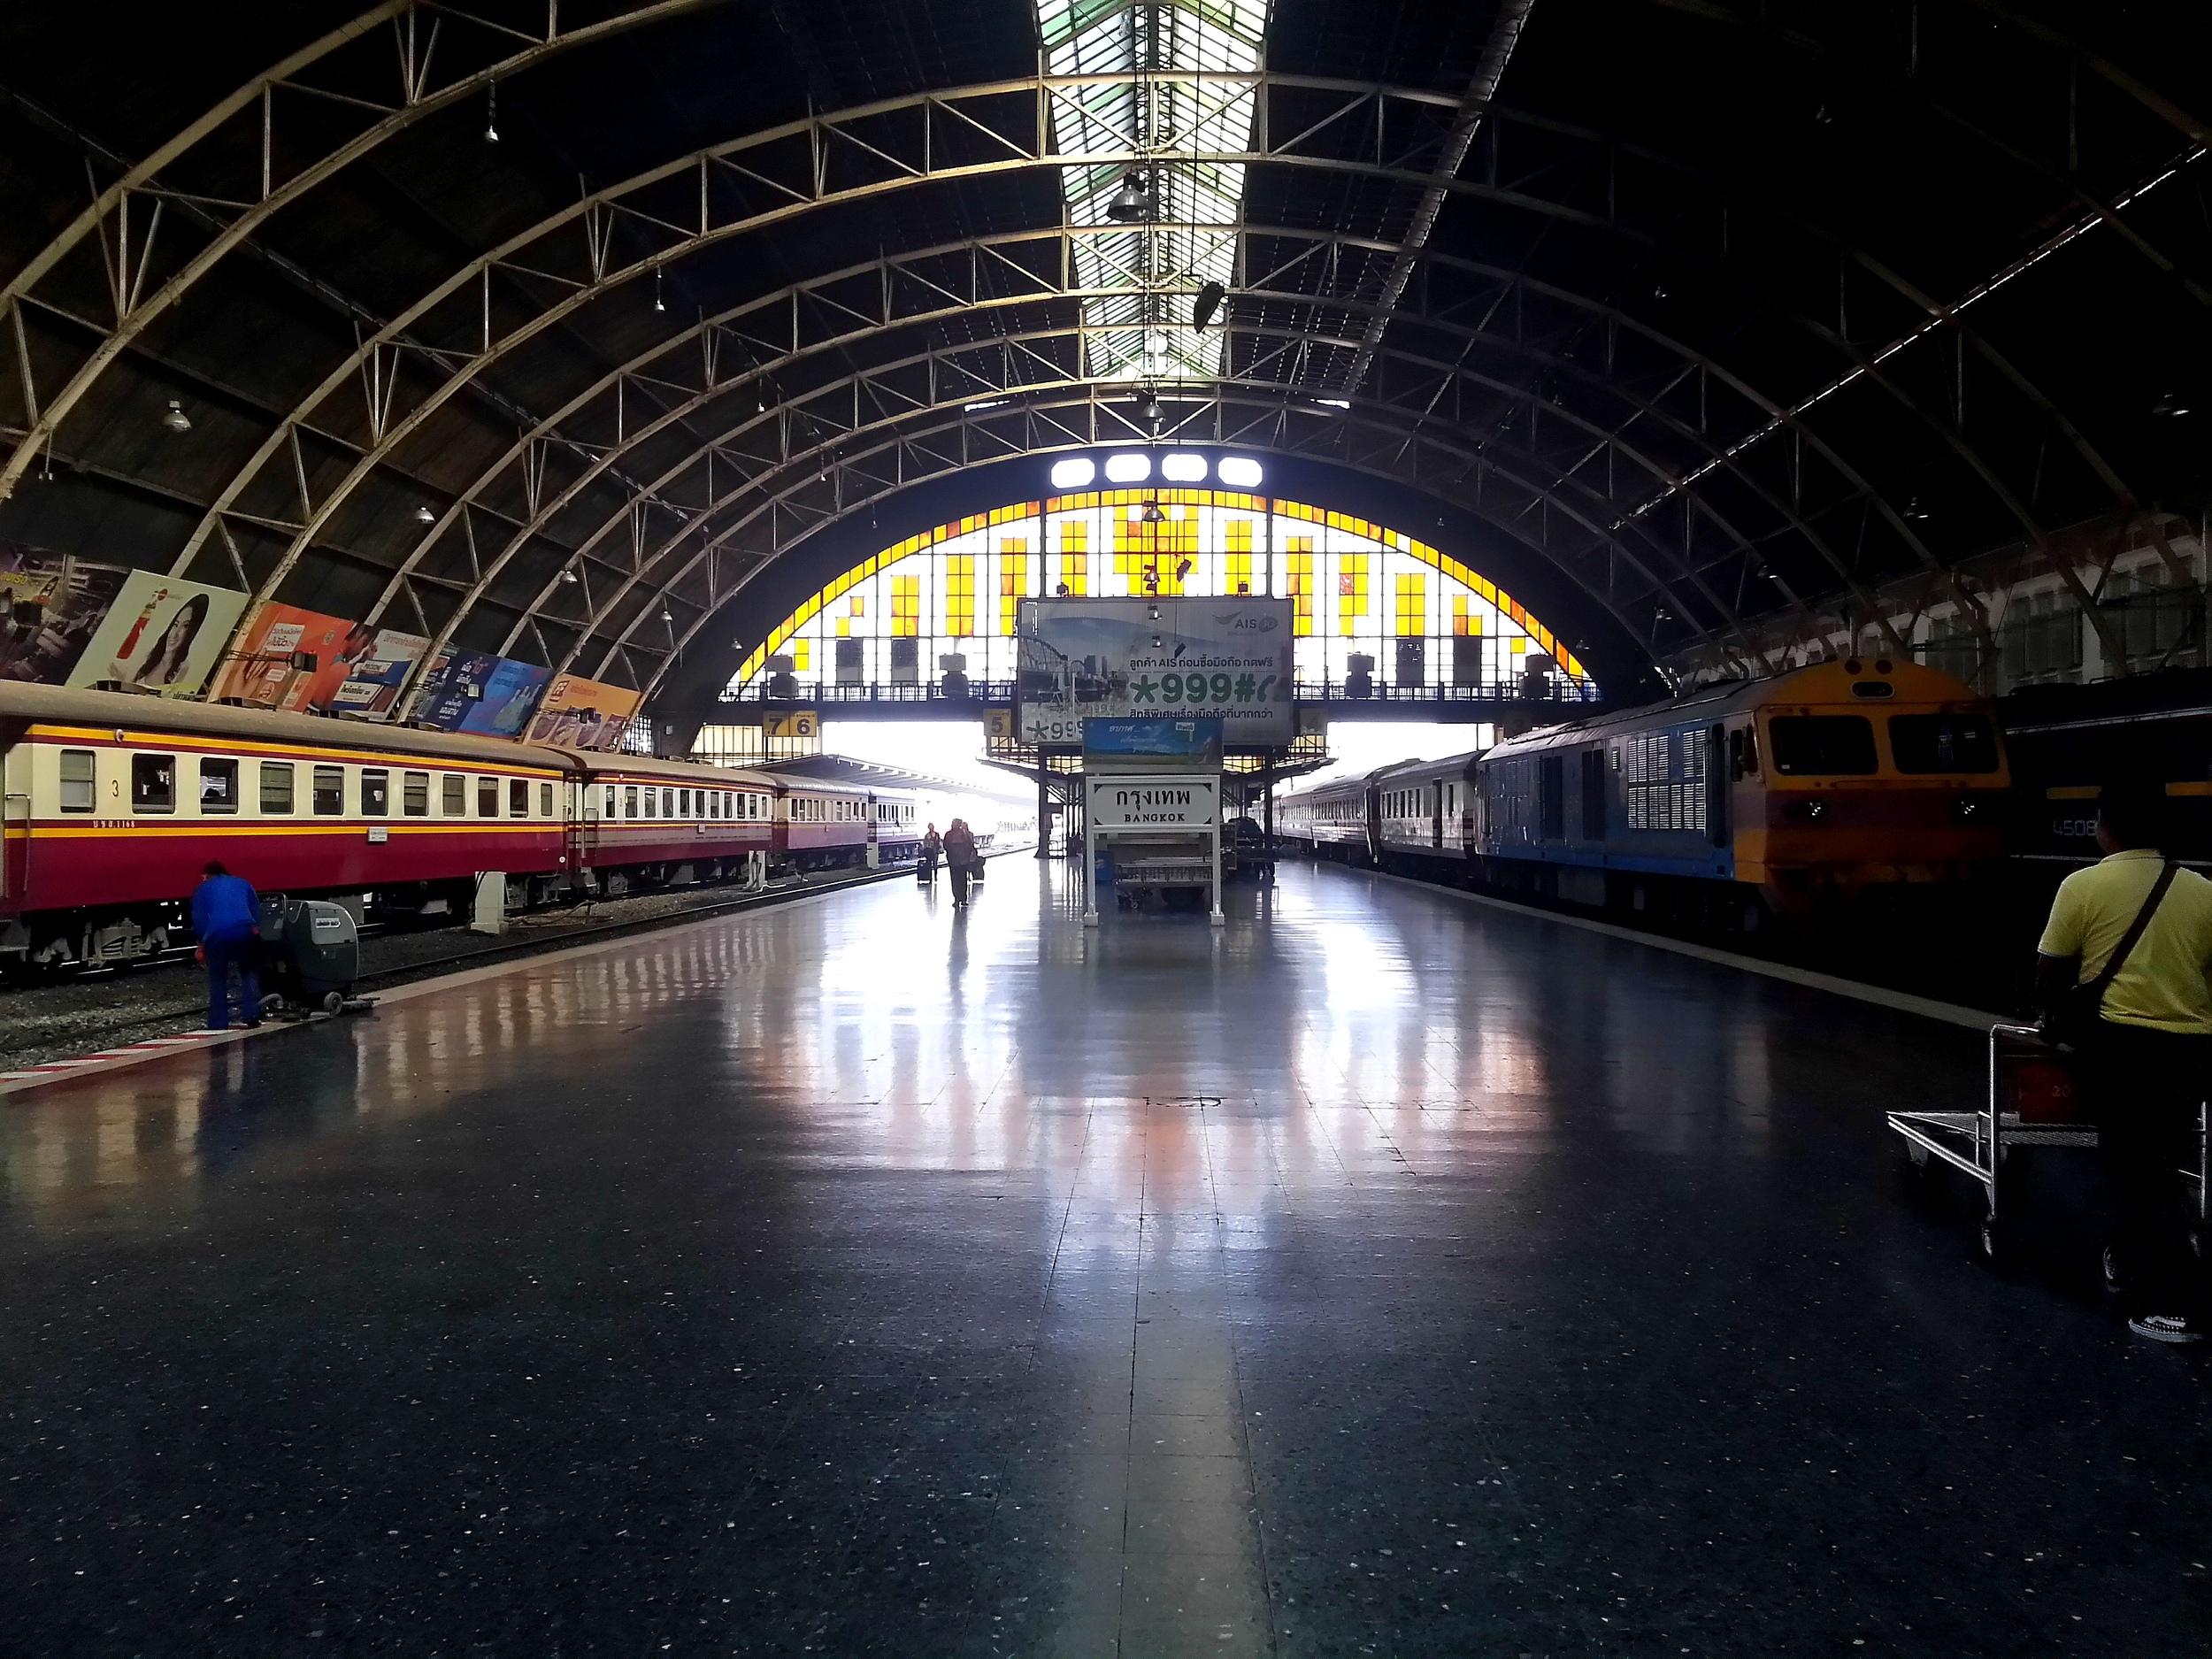 Bangkok Station Train Thailand.jpg